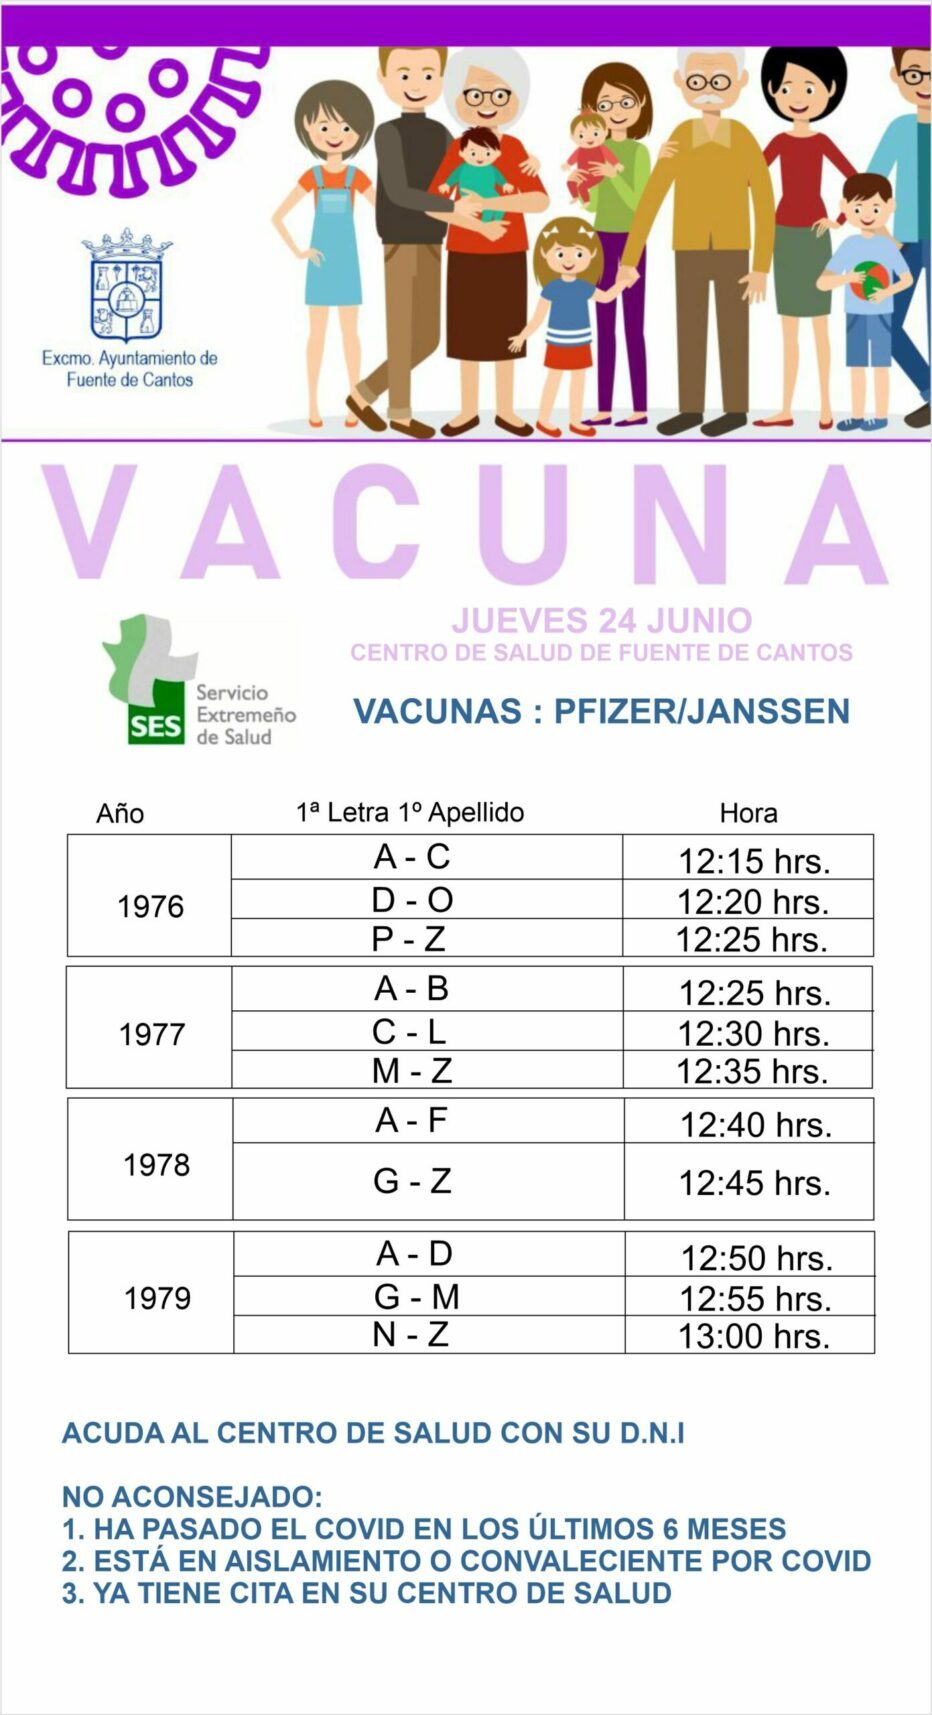 Llamamiento Vacunación Jueves día 24 de Junio